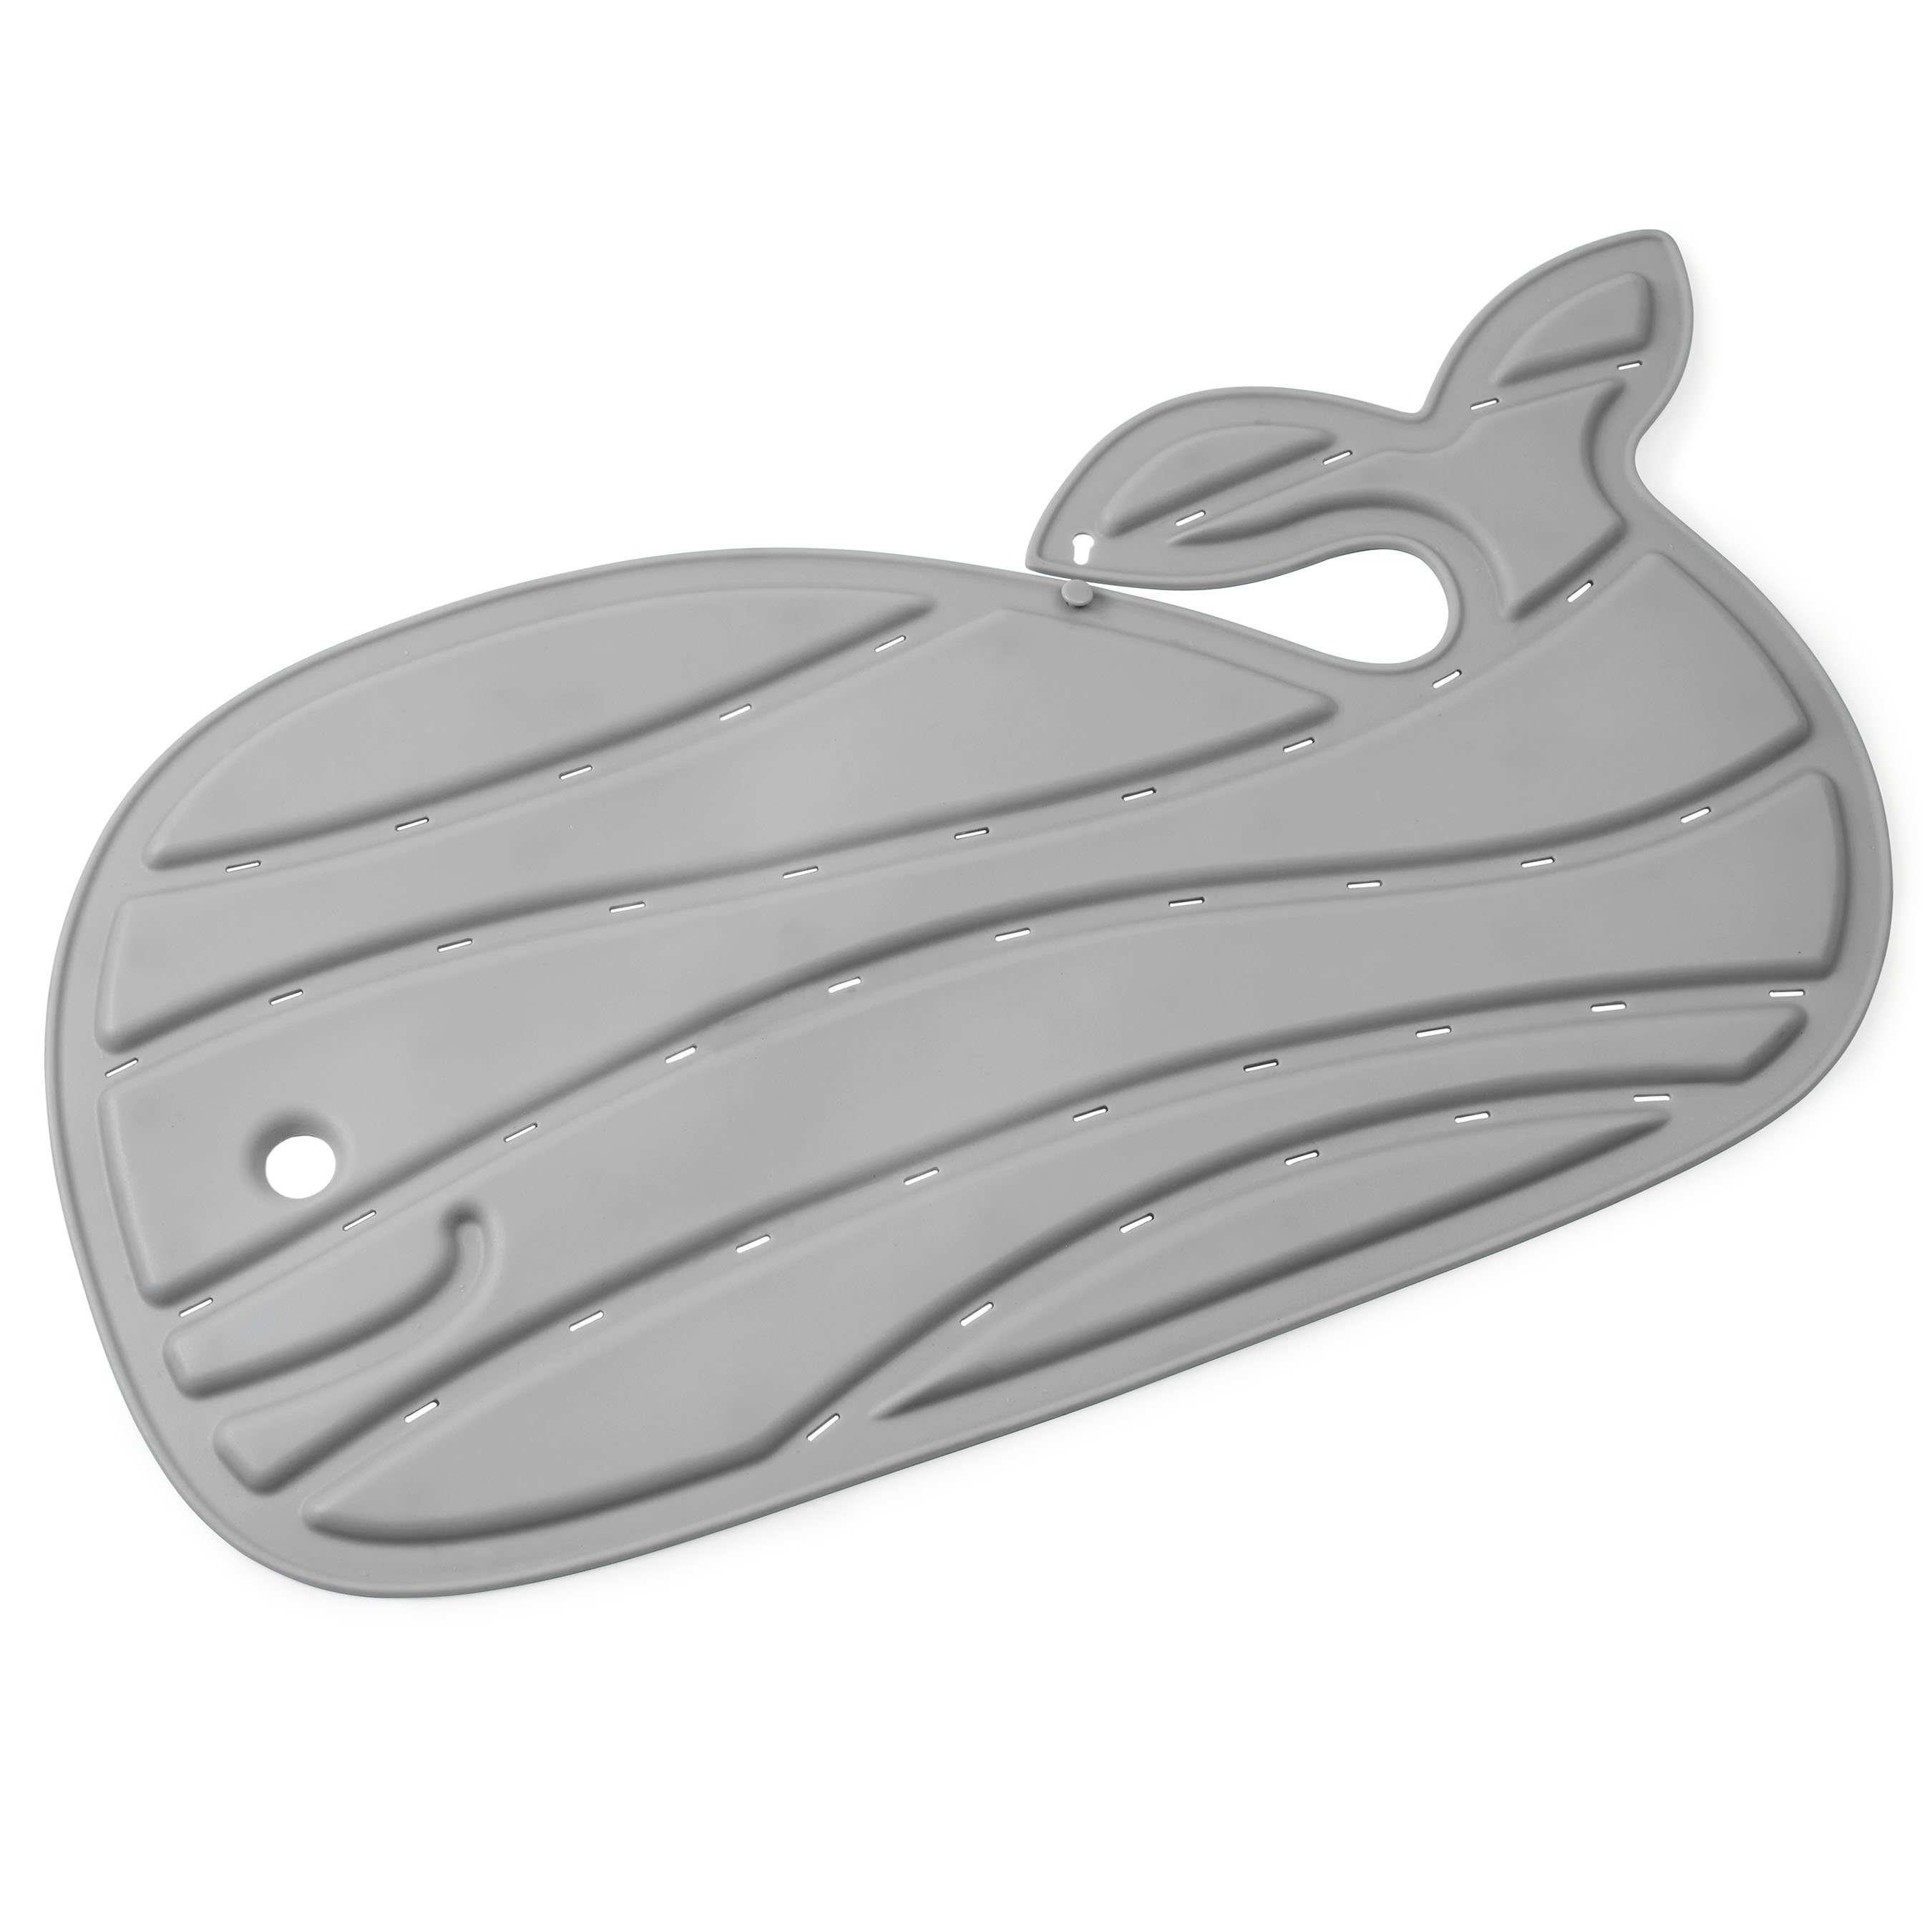 Skip Hop - Moby Bath Mat - Grey